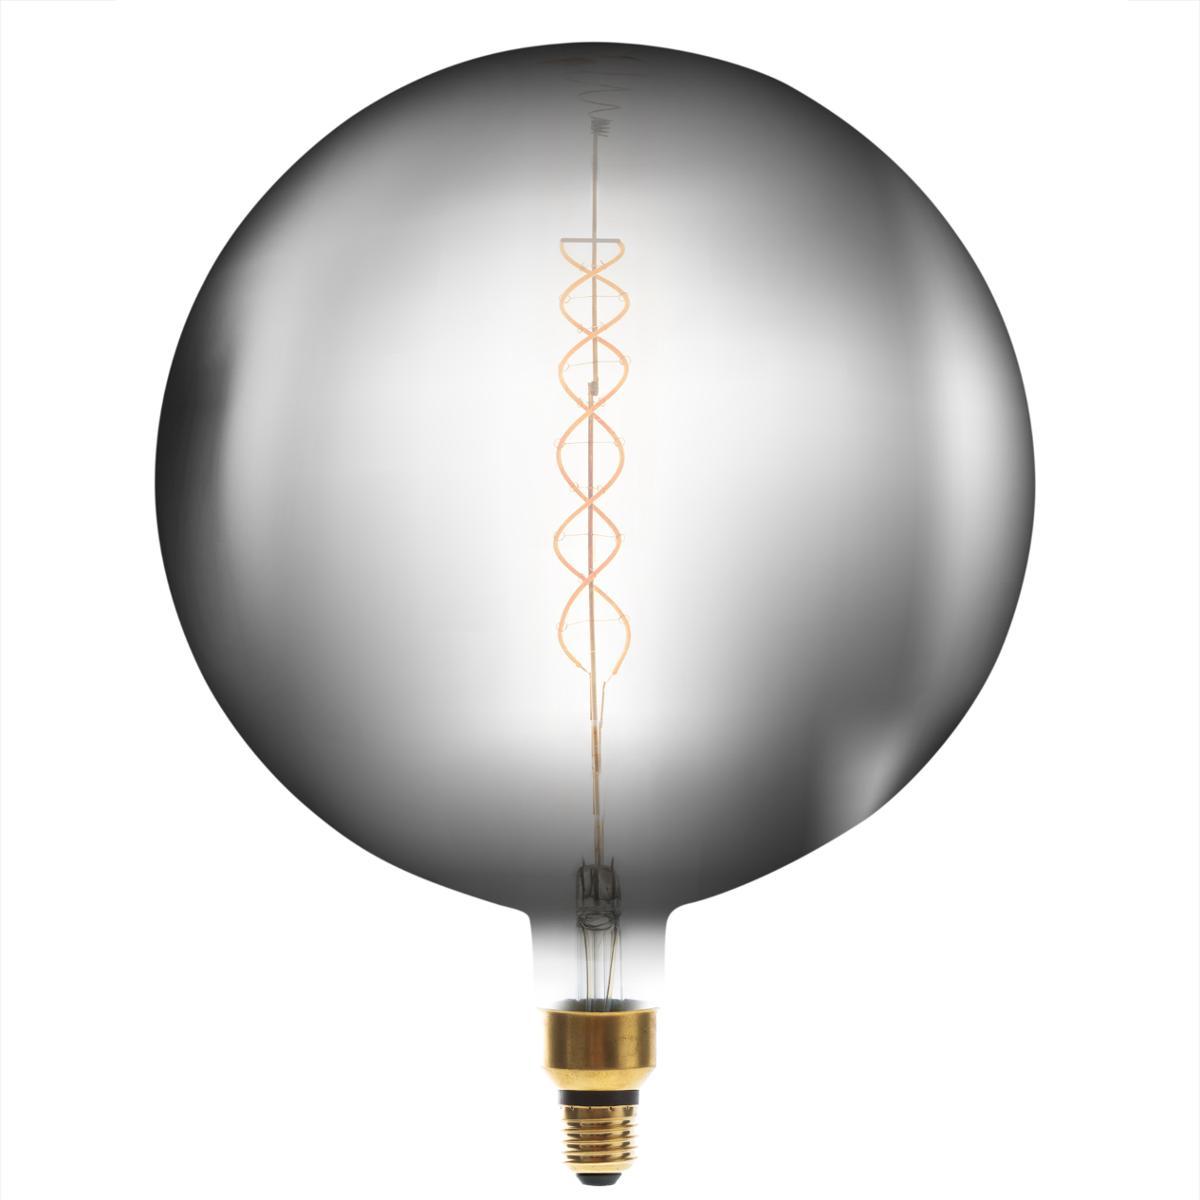 Ampoule LED Torsad Fumée G300 6W